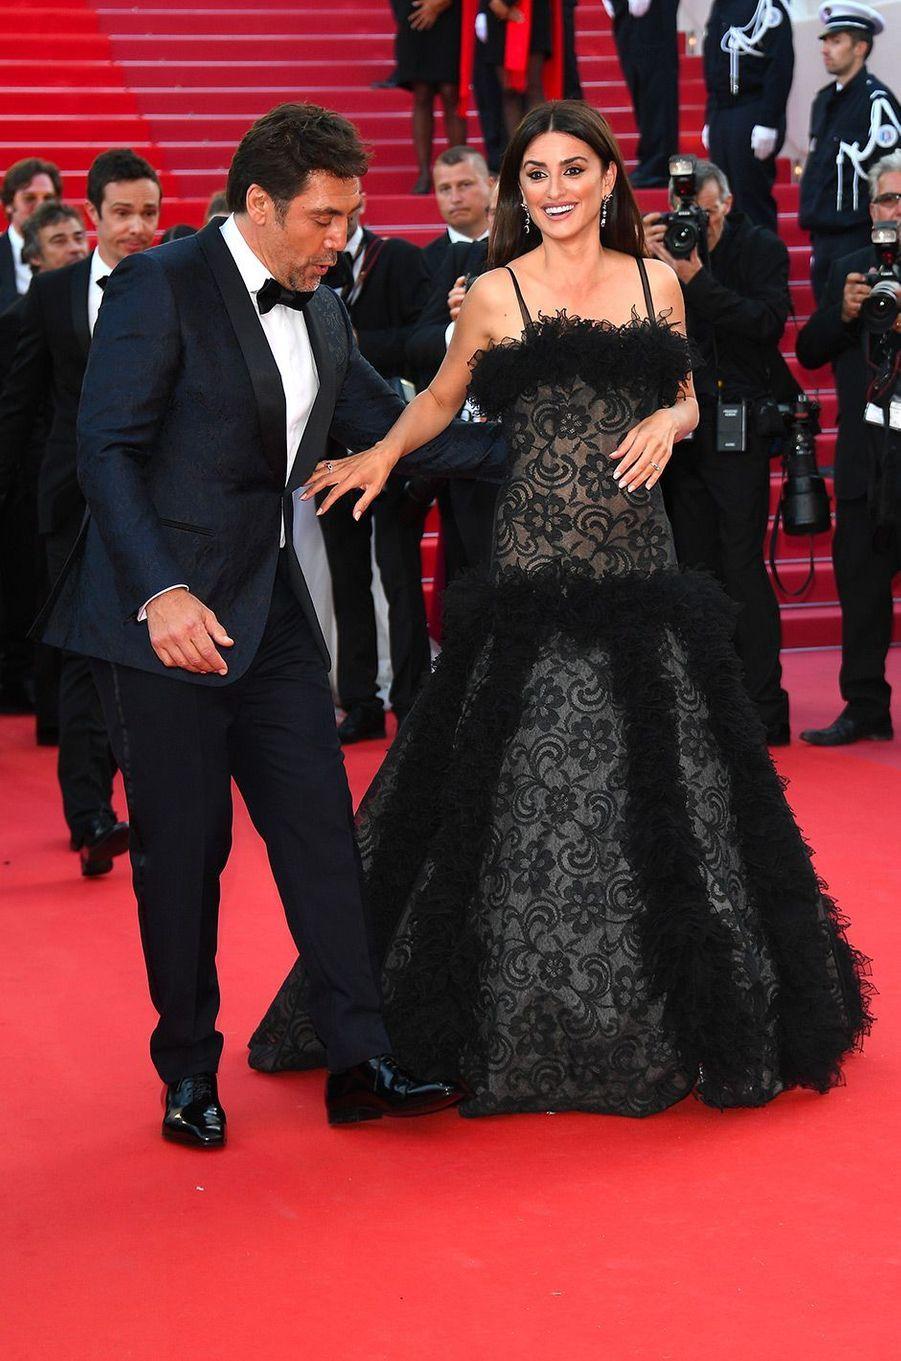 Penélope Cruz et Javier Bardem à la cérémonie d'ouverture du 71ème Festival de Cannes